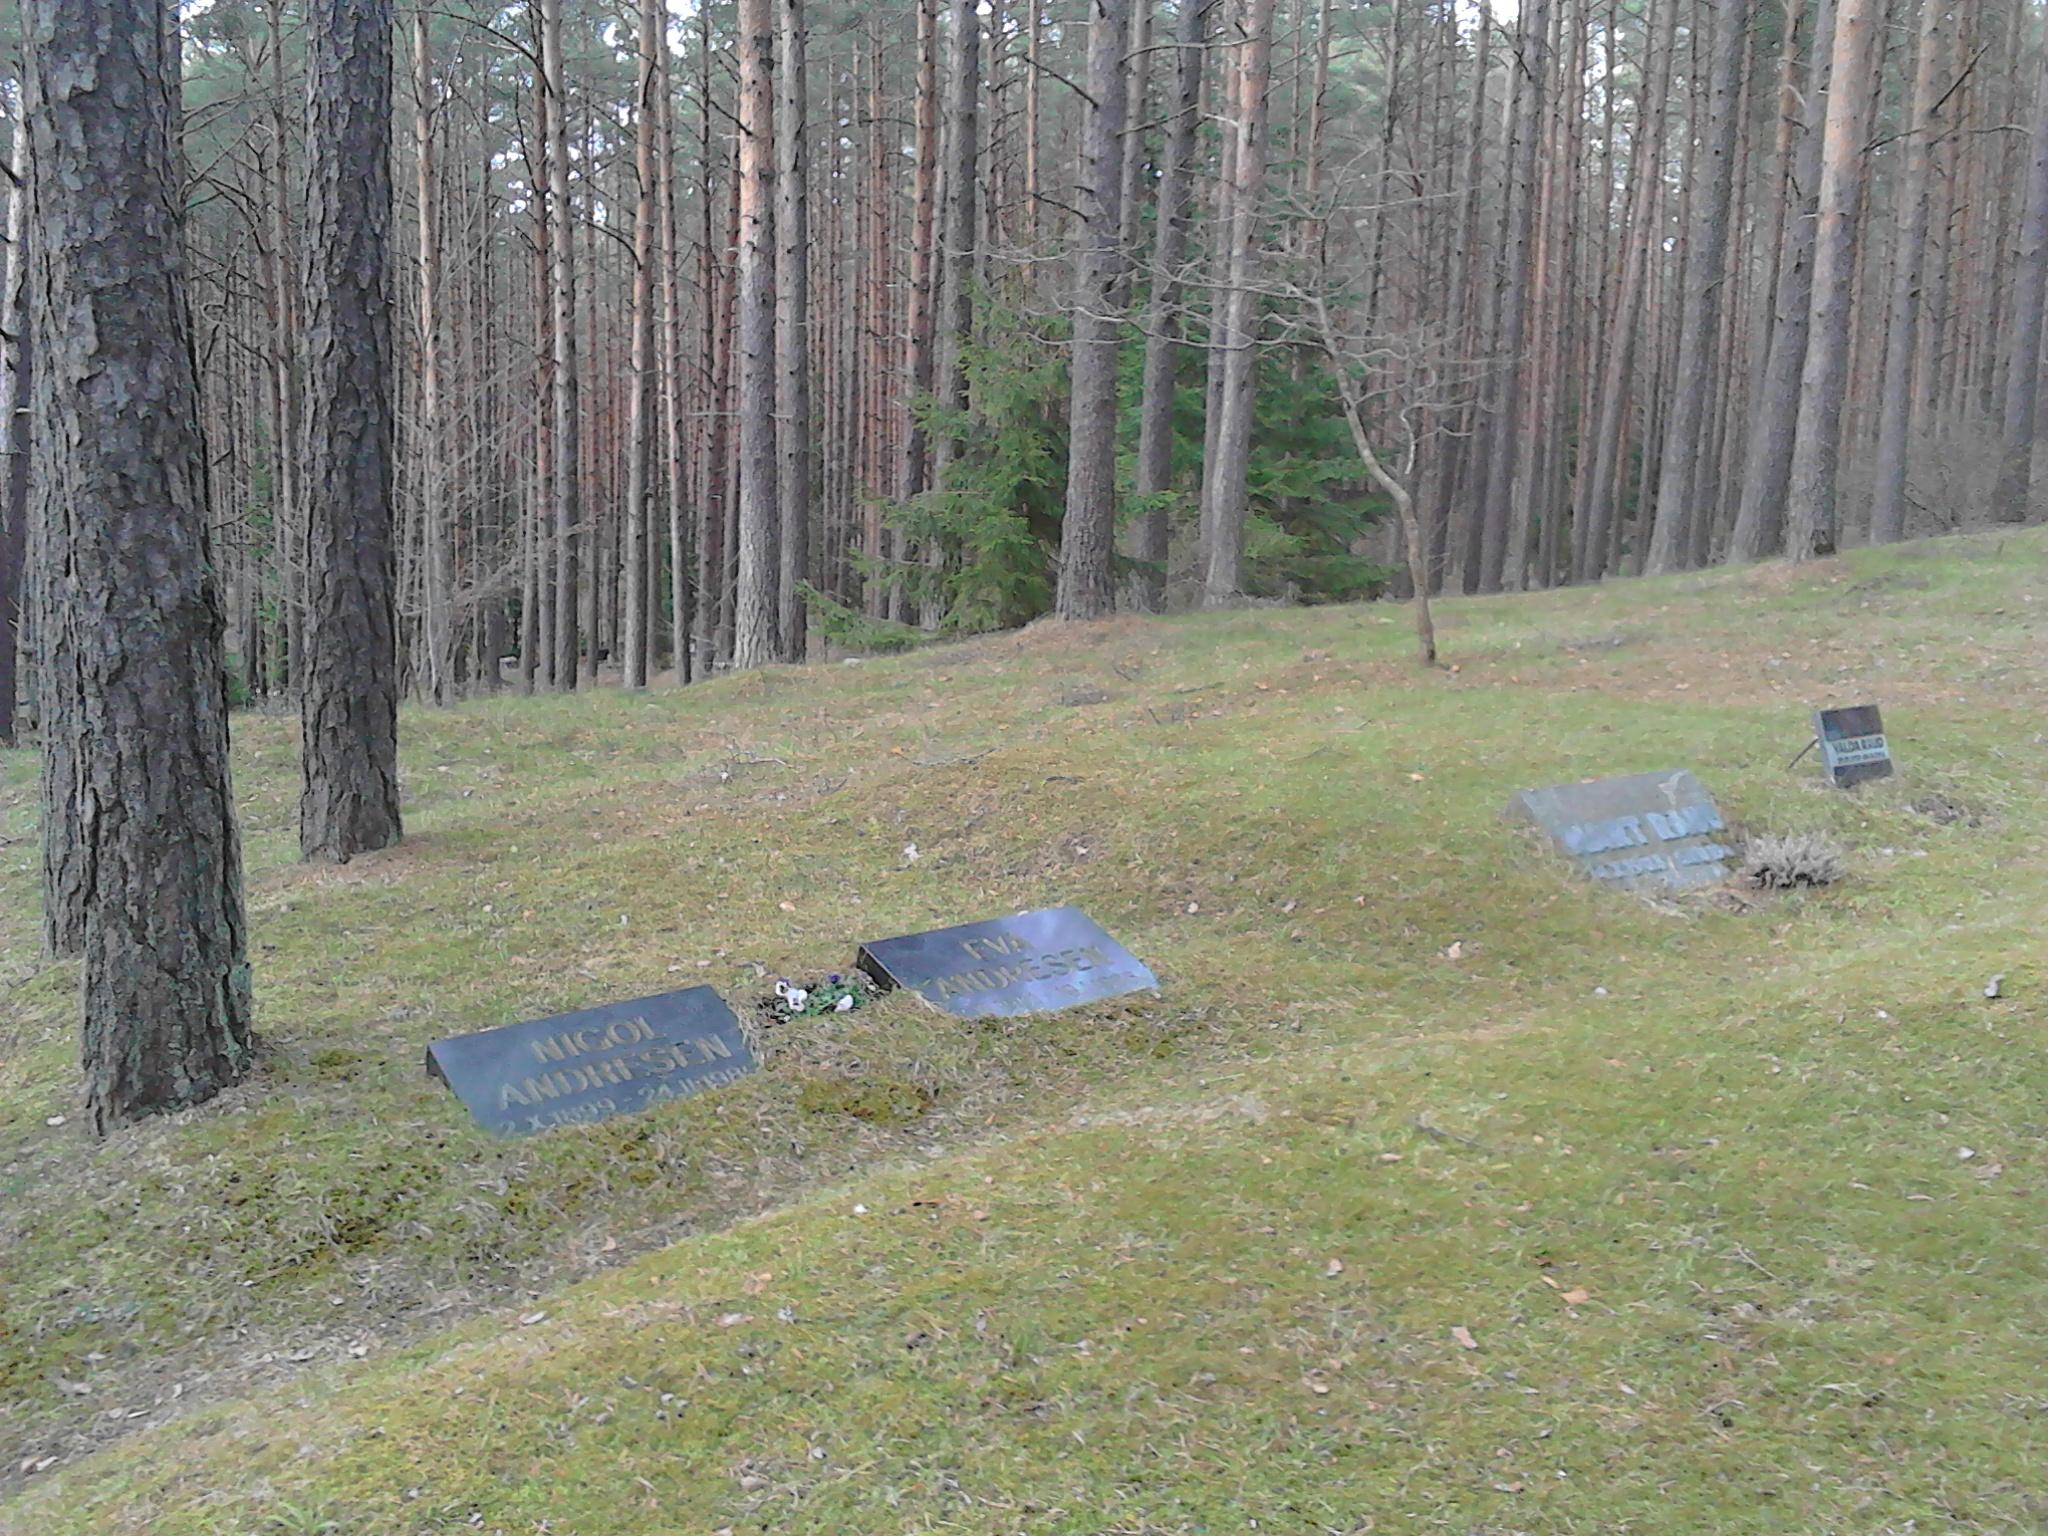 Appena un accenno di lapide nel cimitero delle celebrità nazionali, divisi per categoria.